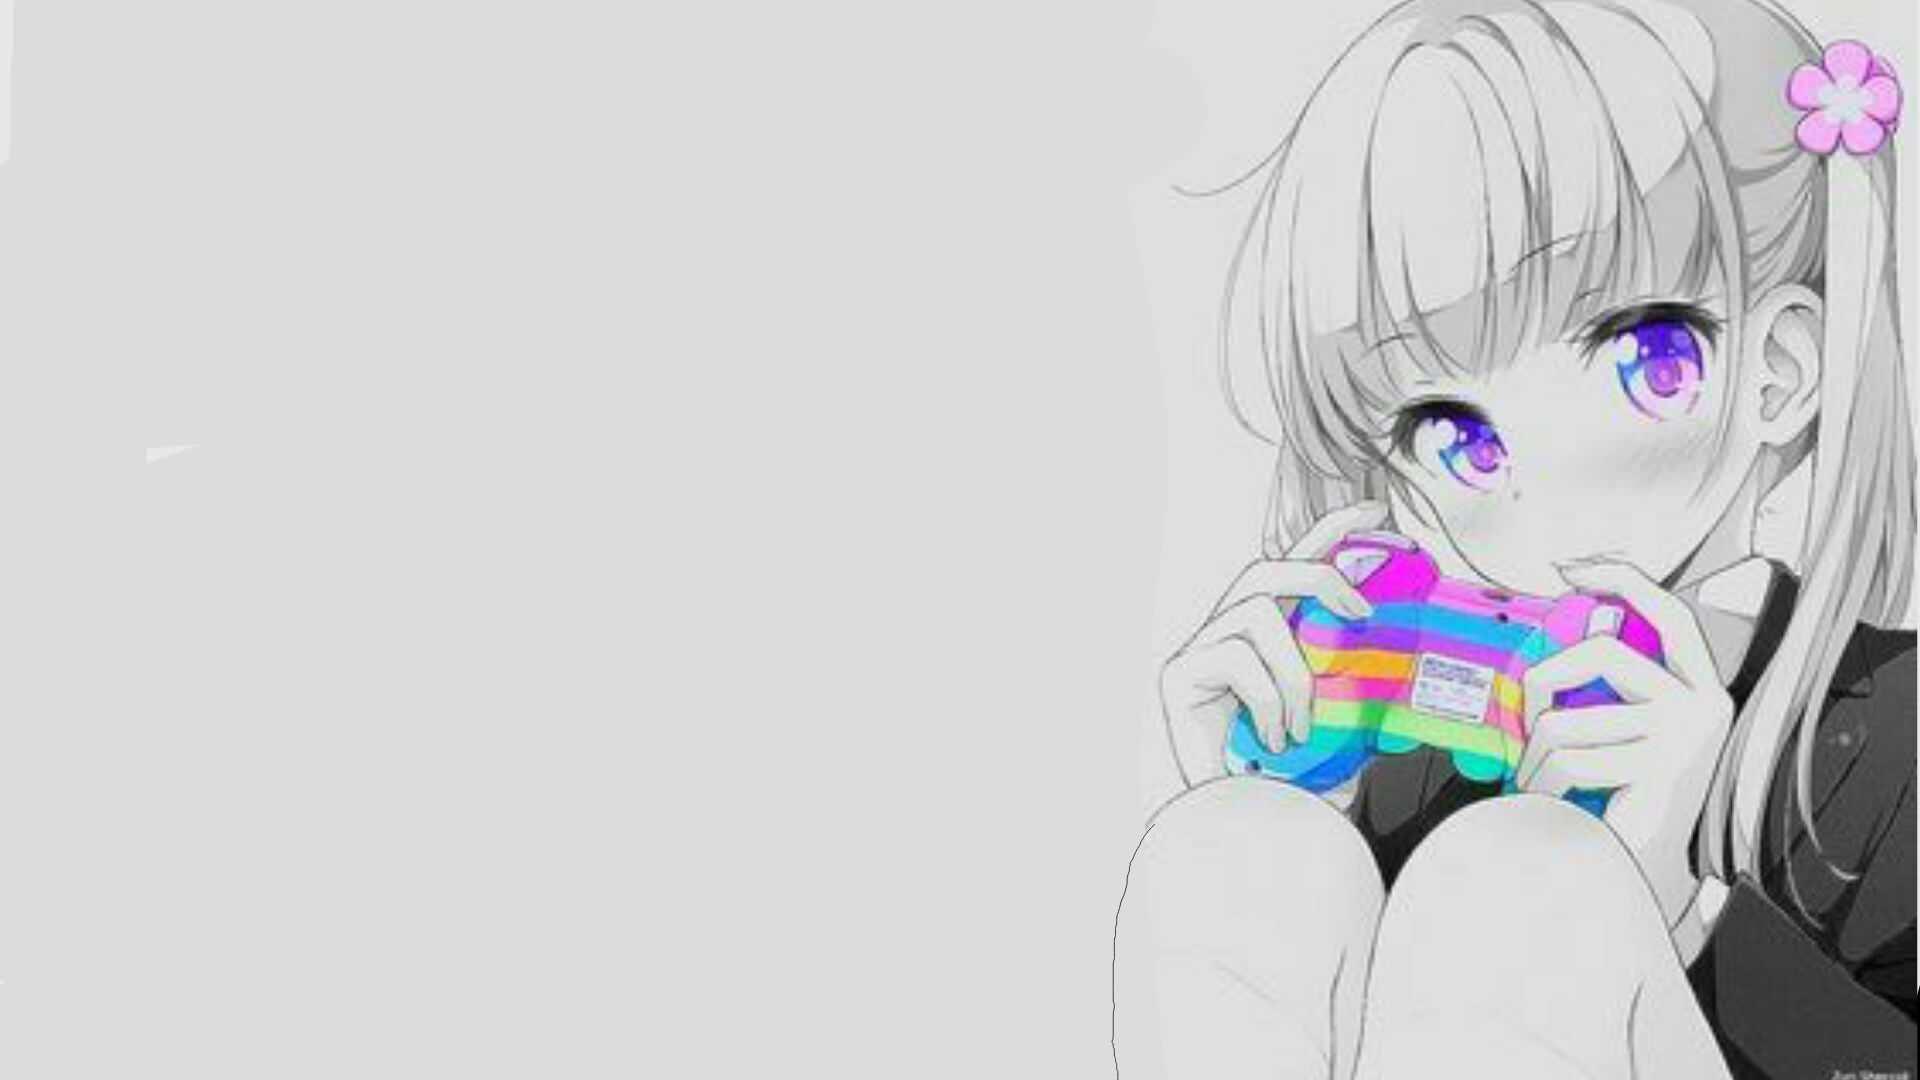 Slightly Edited anime gamer girl. Album on Imgur